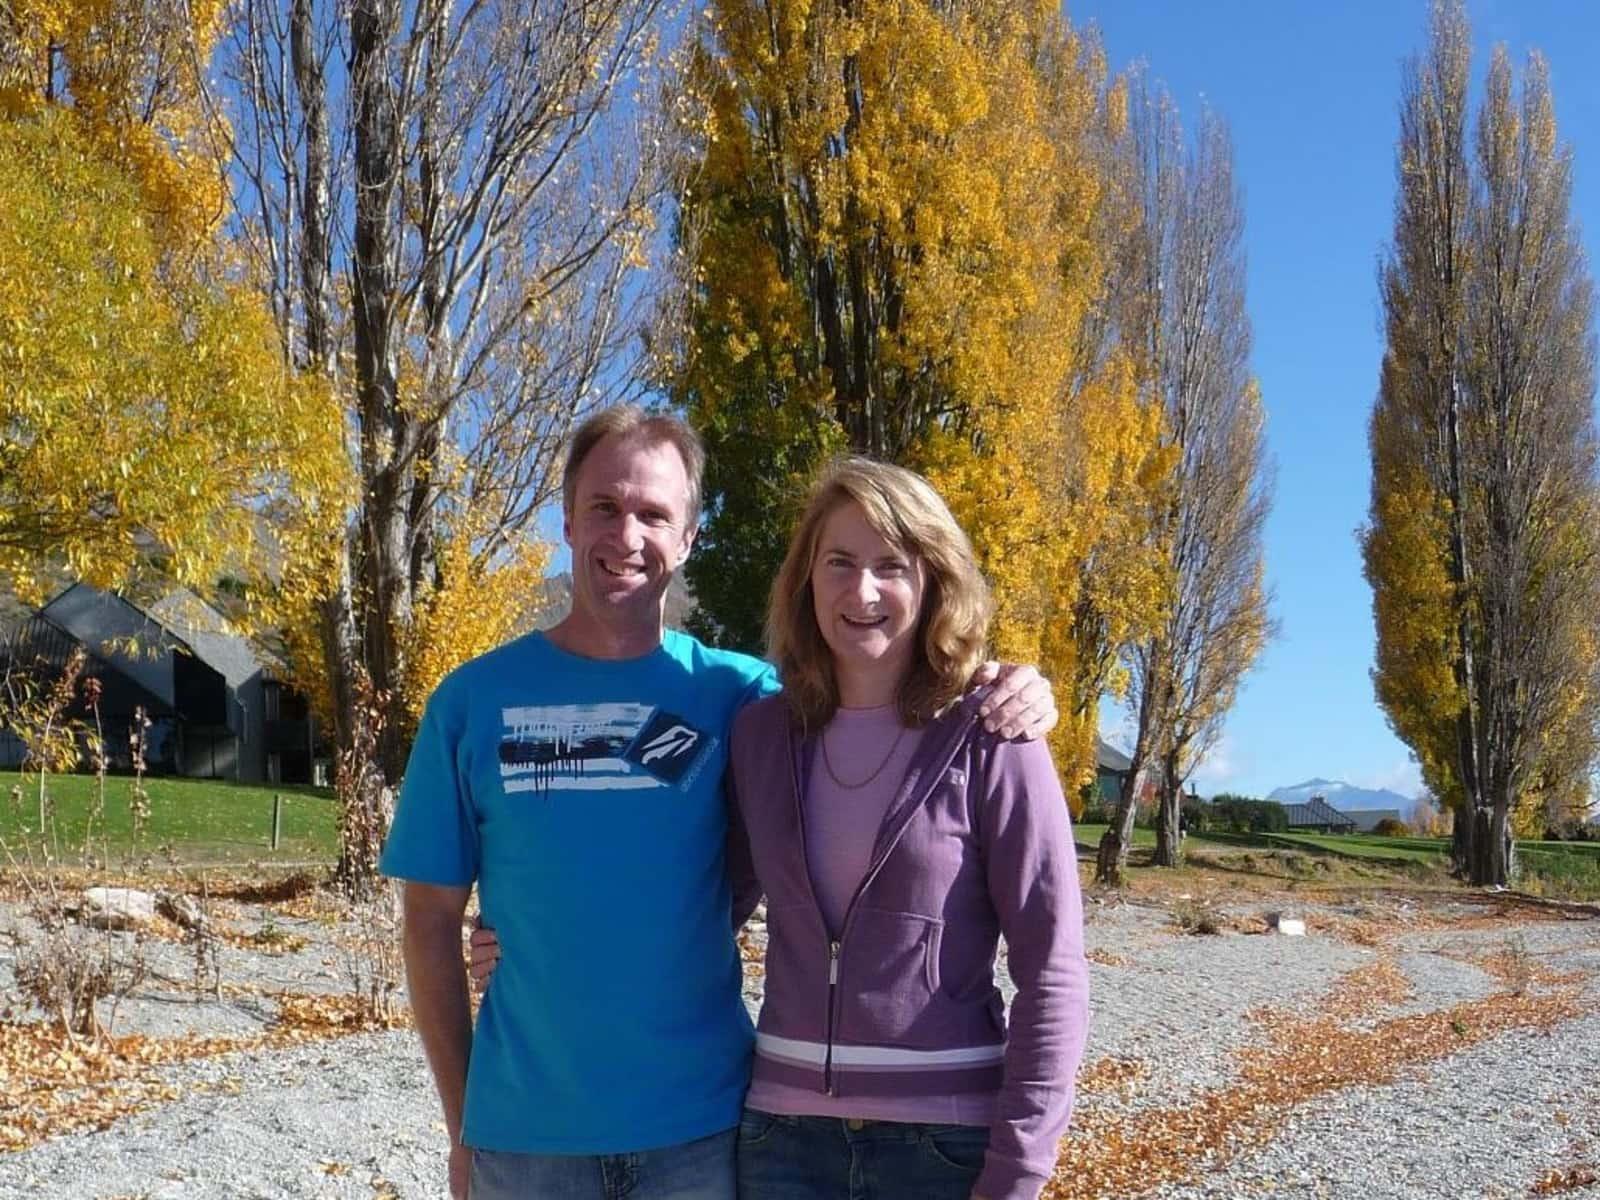 Jill & Phil from Christchurch, New Zealand